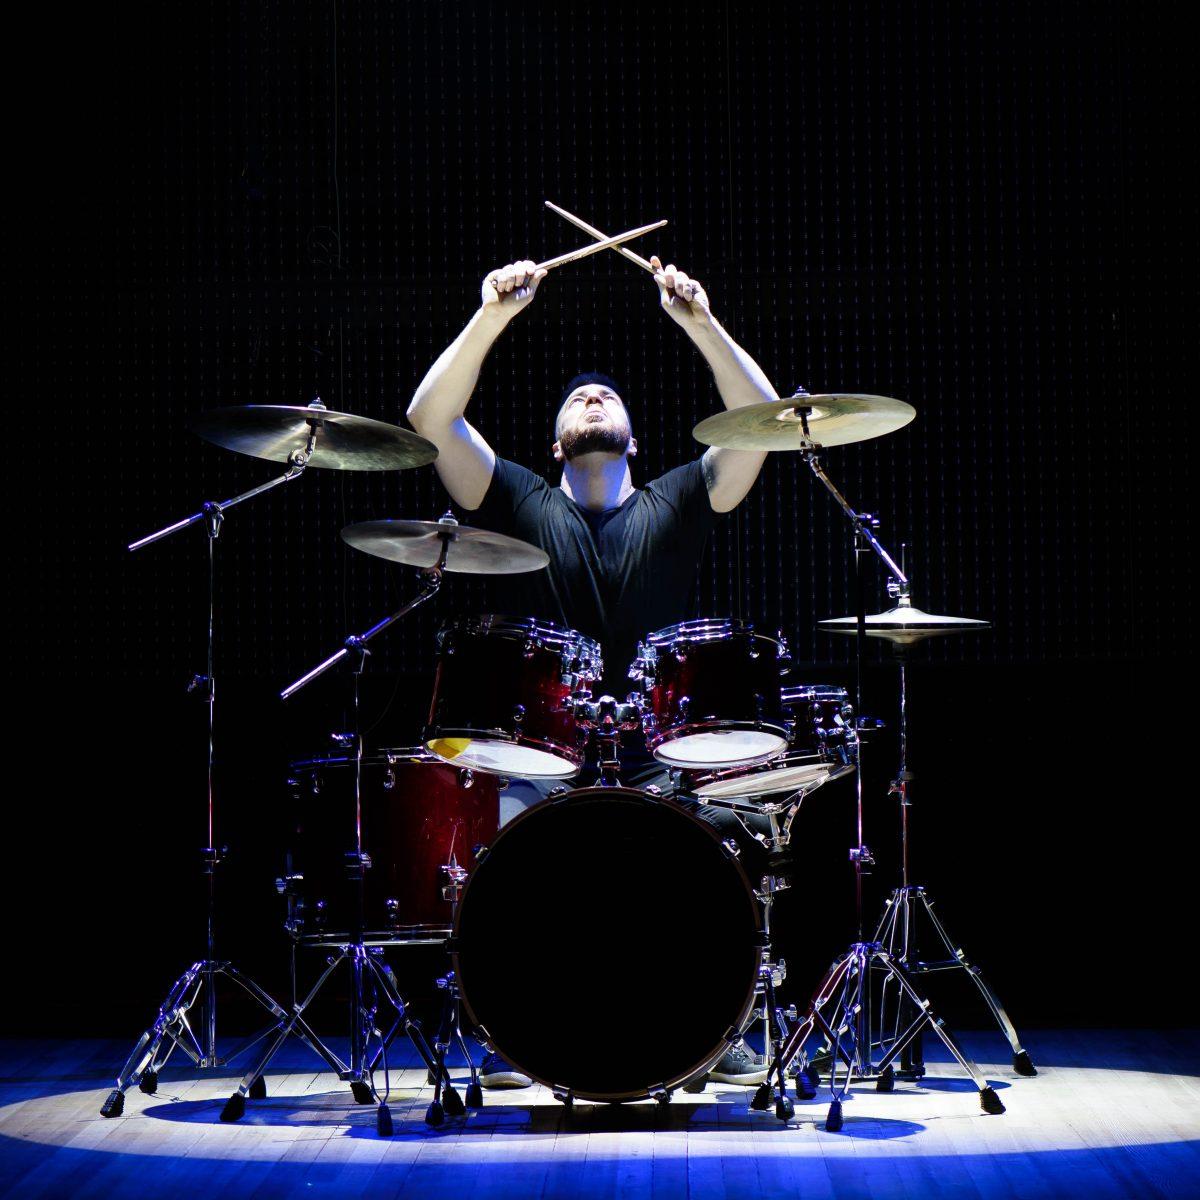 Best rock cymbals